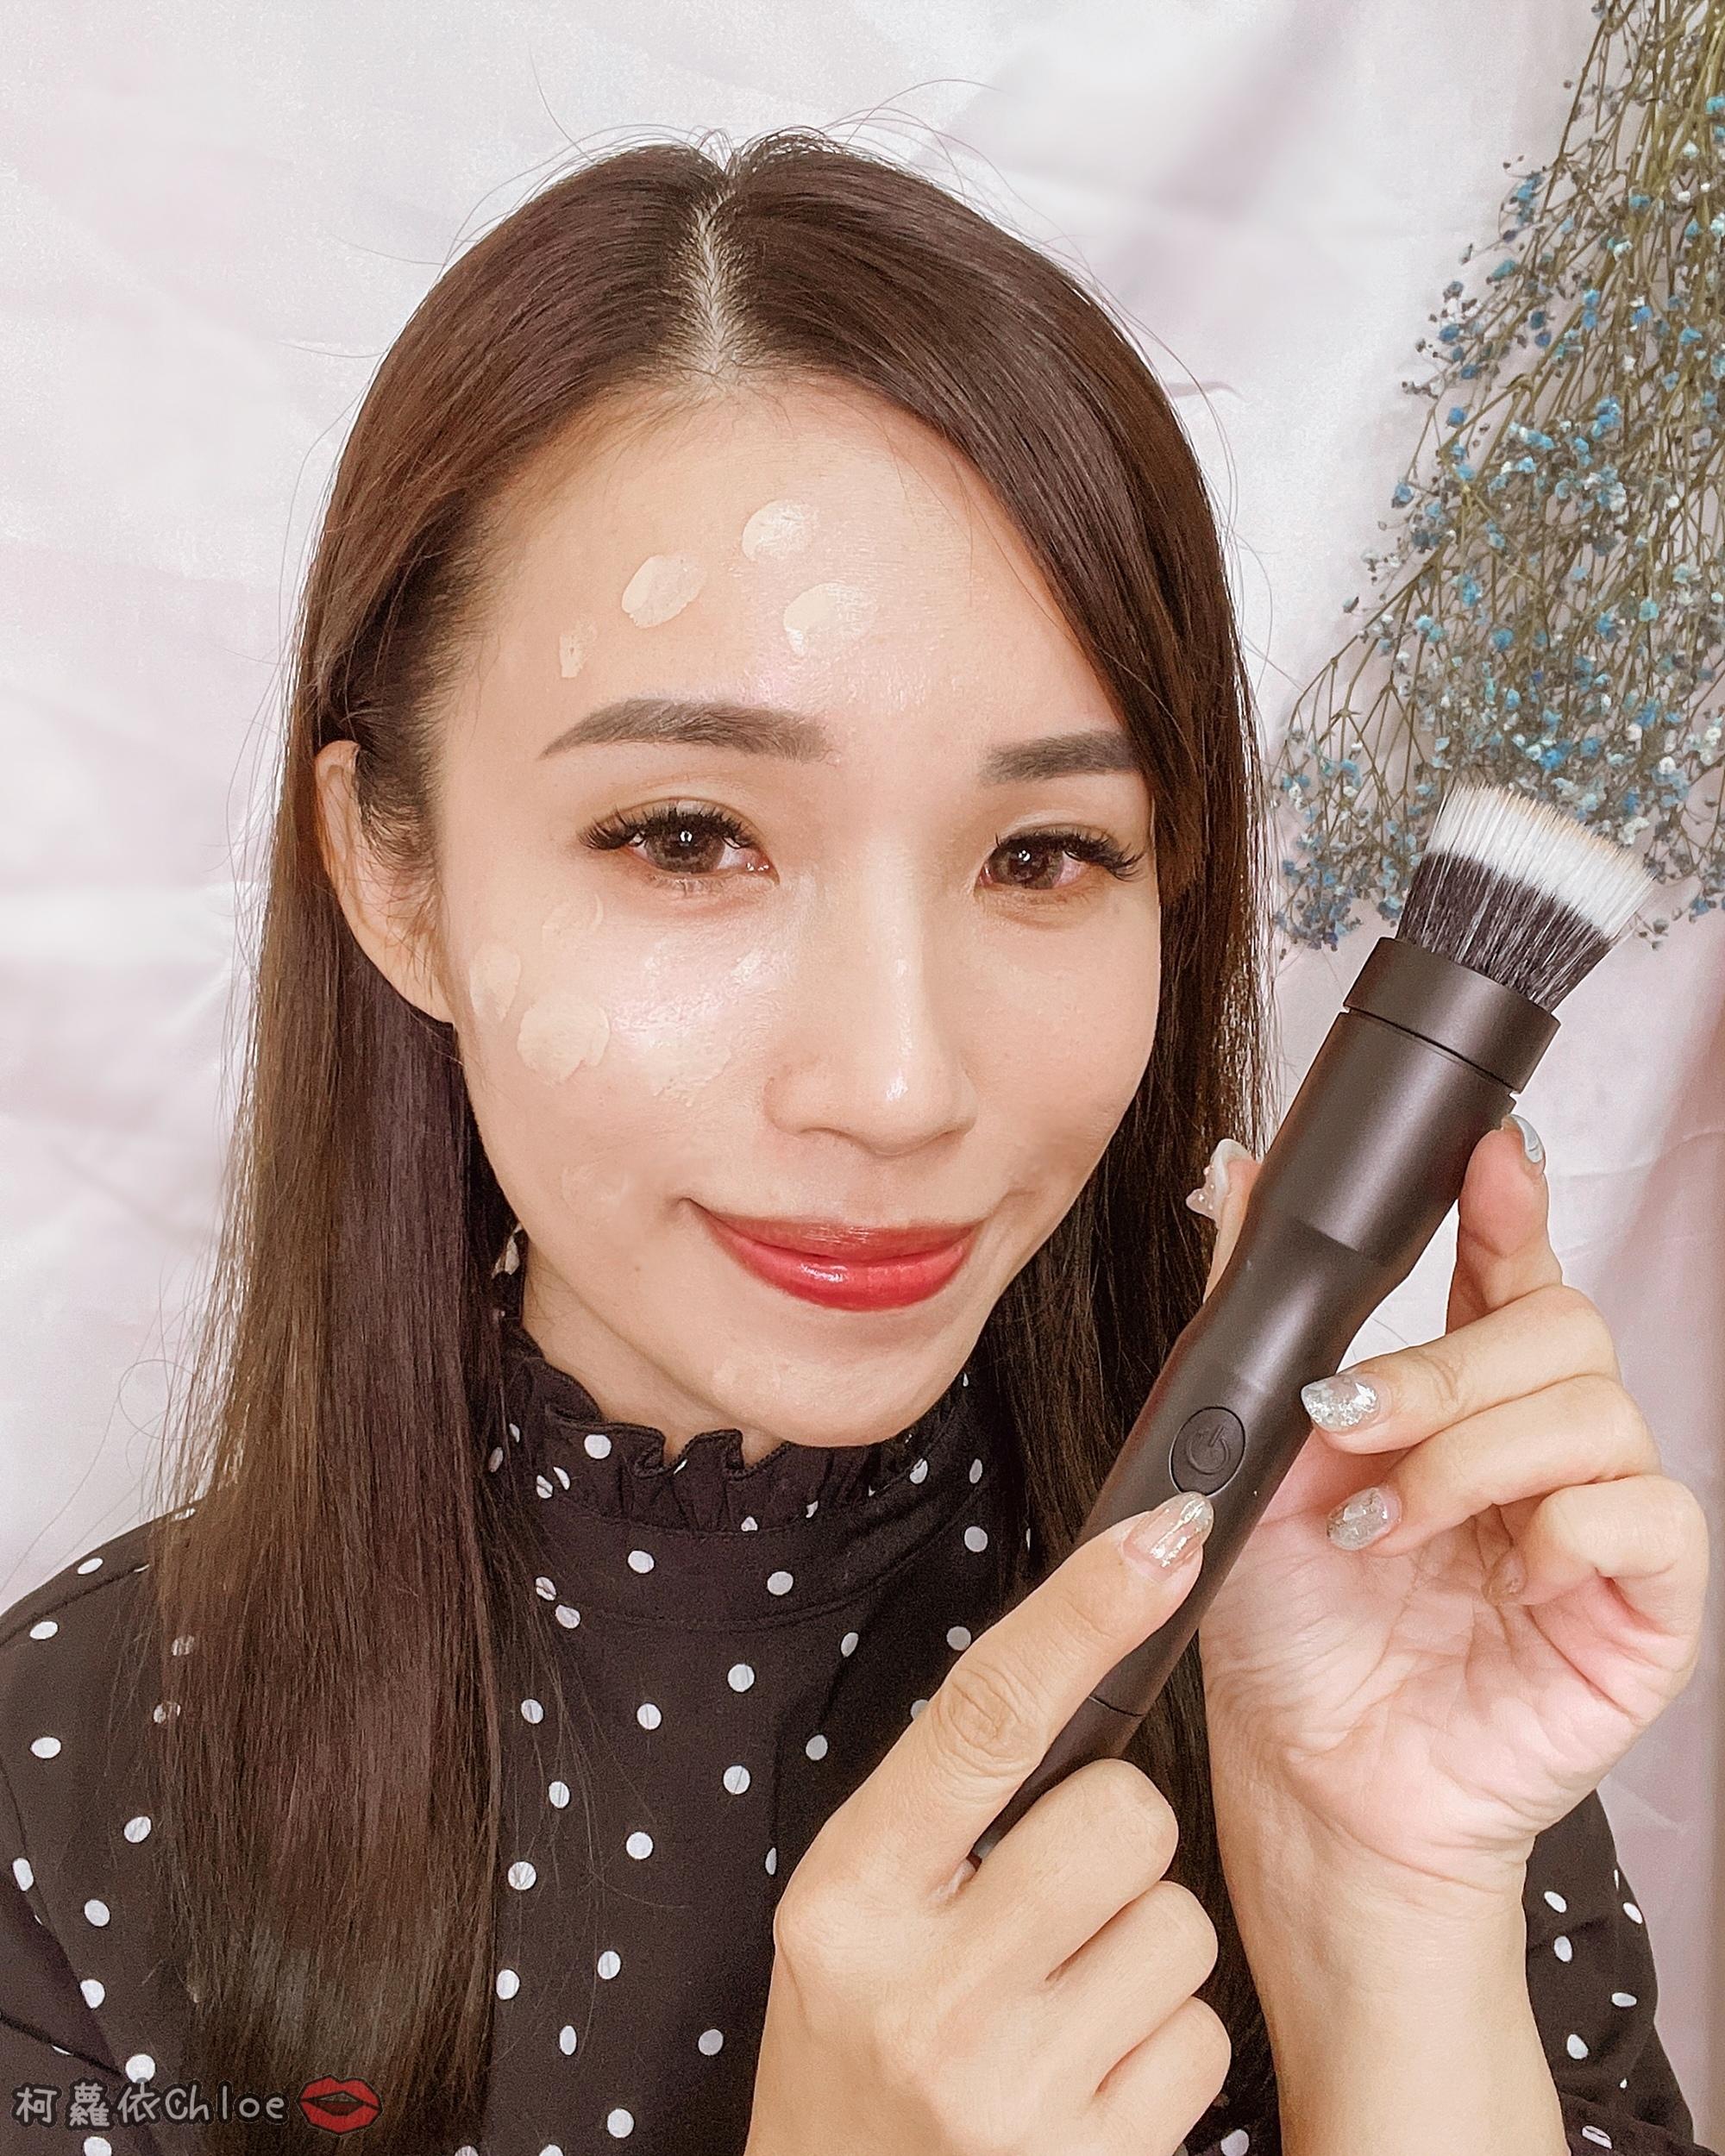 彩妝工具推薦 blendSMART電動化妝刷 達人套裝開箱 上妝輕柔更有效率17.jpg